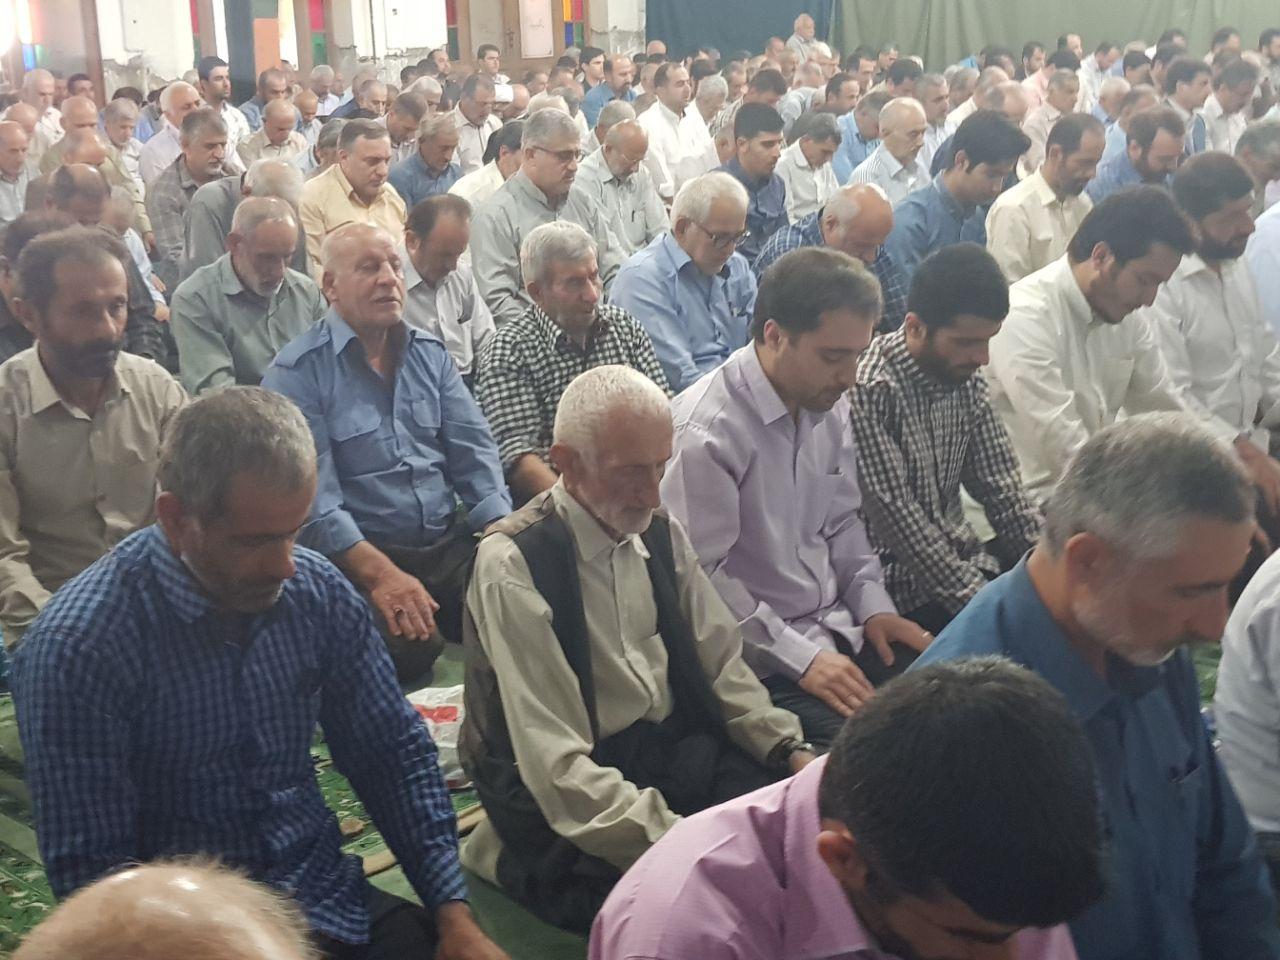 رمضان۹۶/ گزارش تصویری از آیین عبادی سیاسی نماز جمعه در فومن